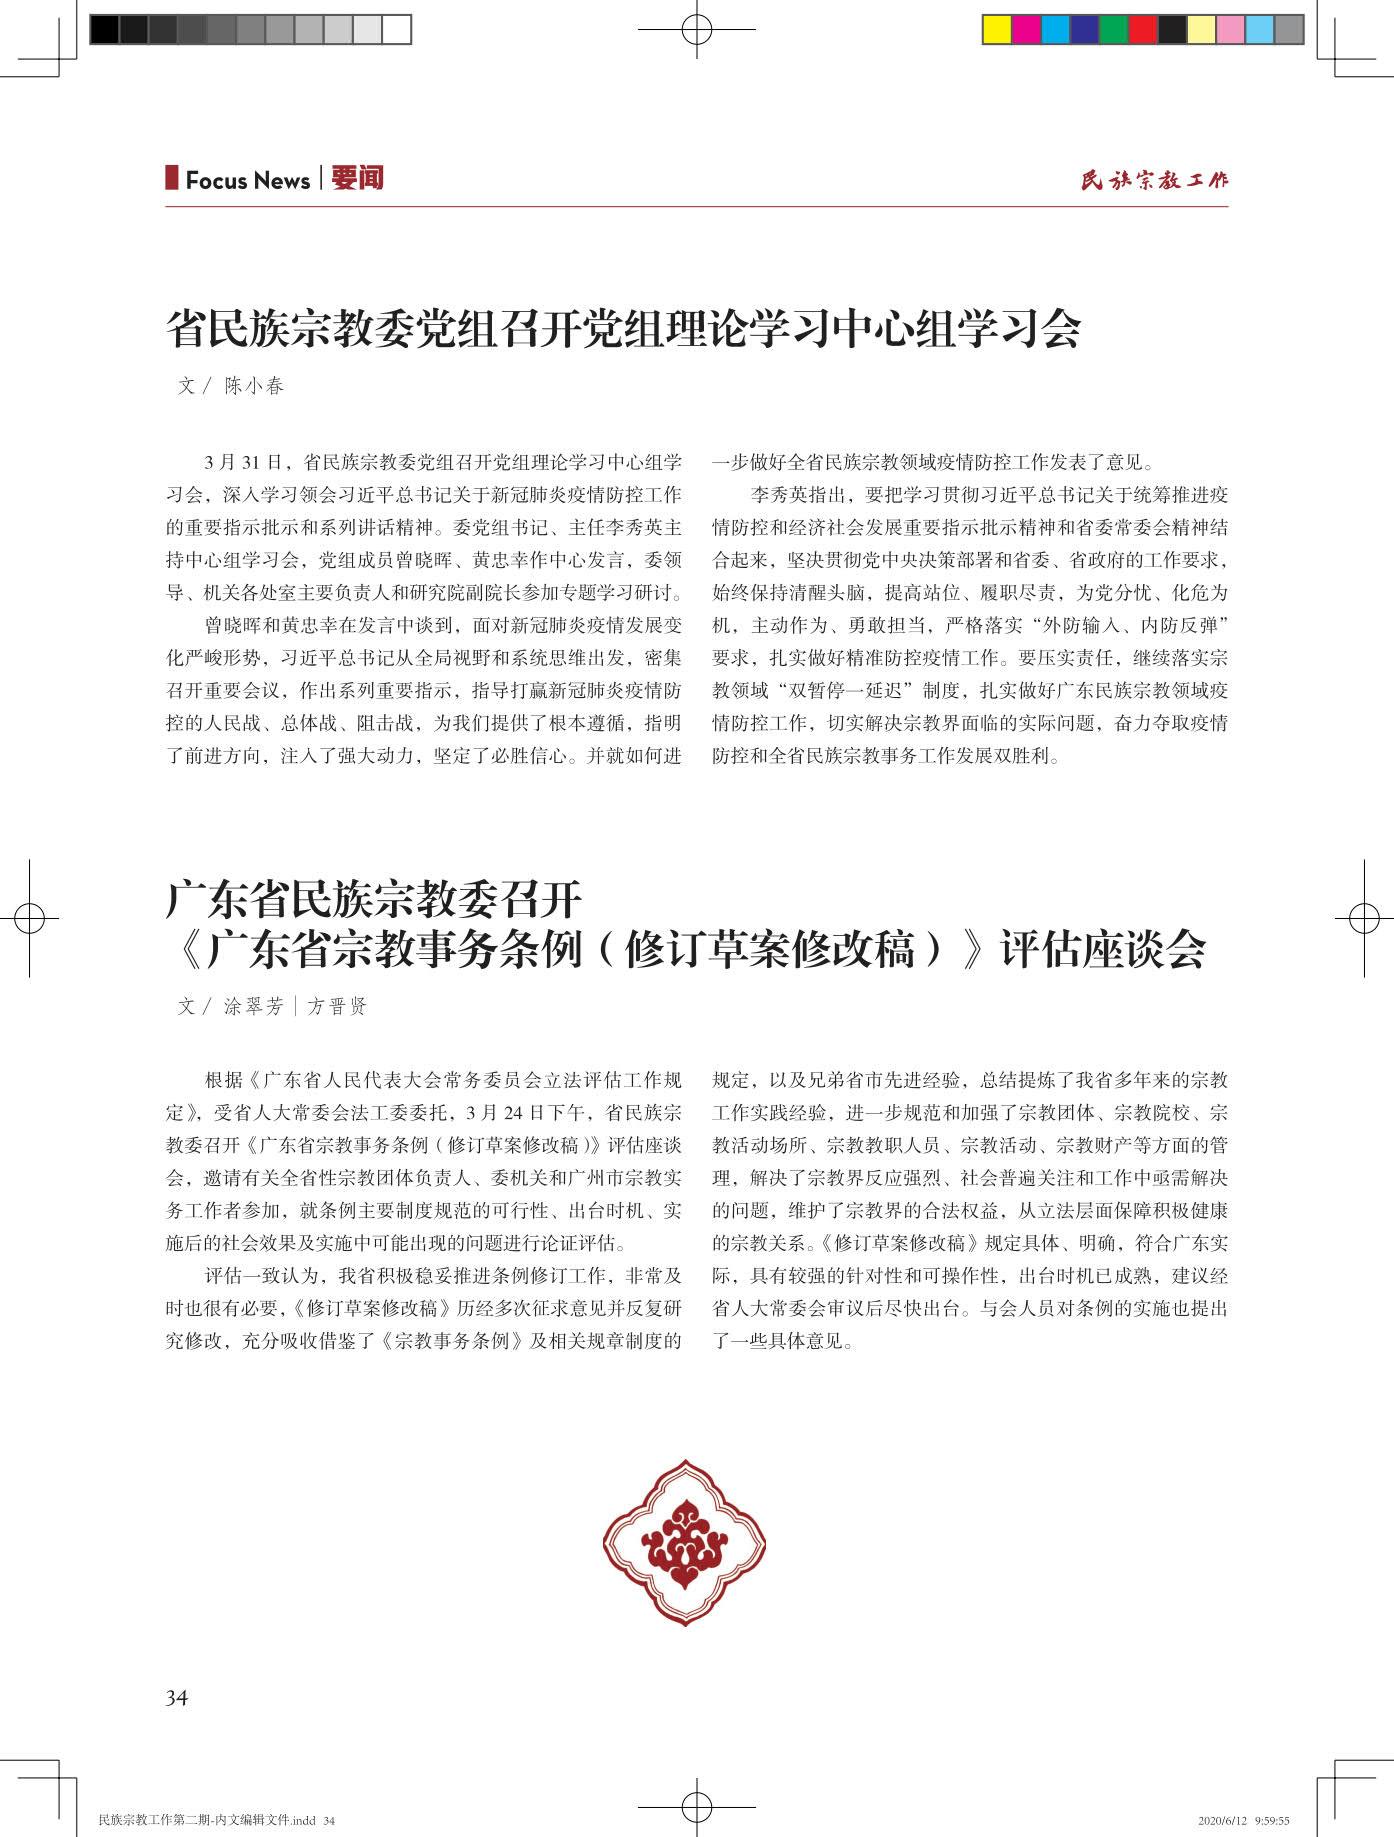 民族宗教工作第二期-内文20200612-蓝样_34.jpg